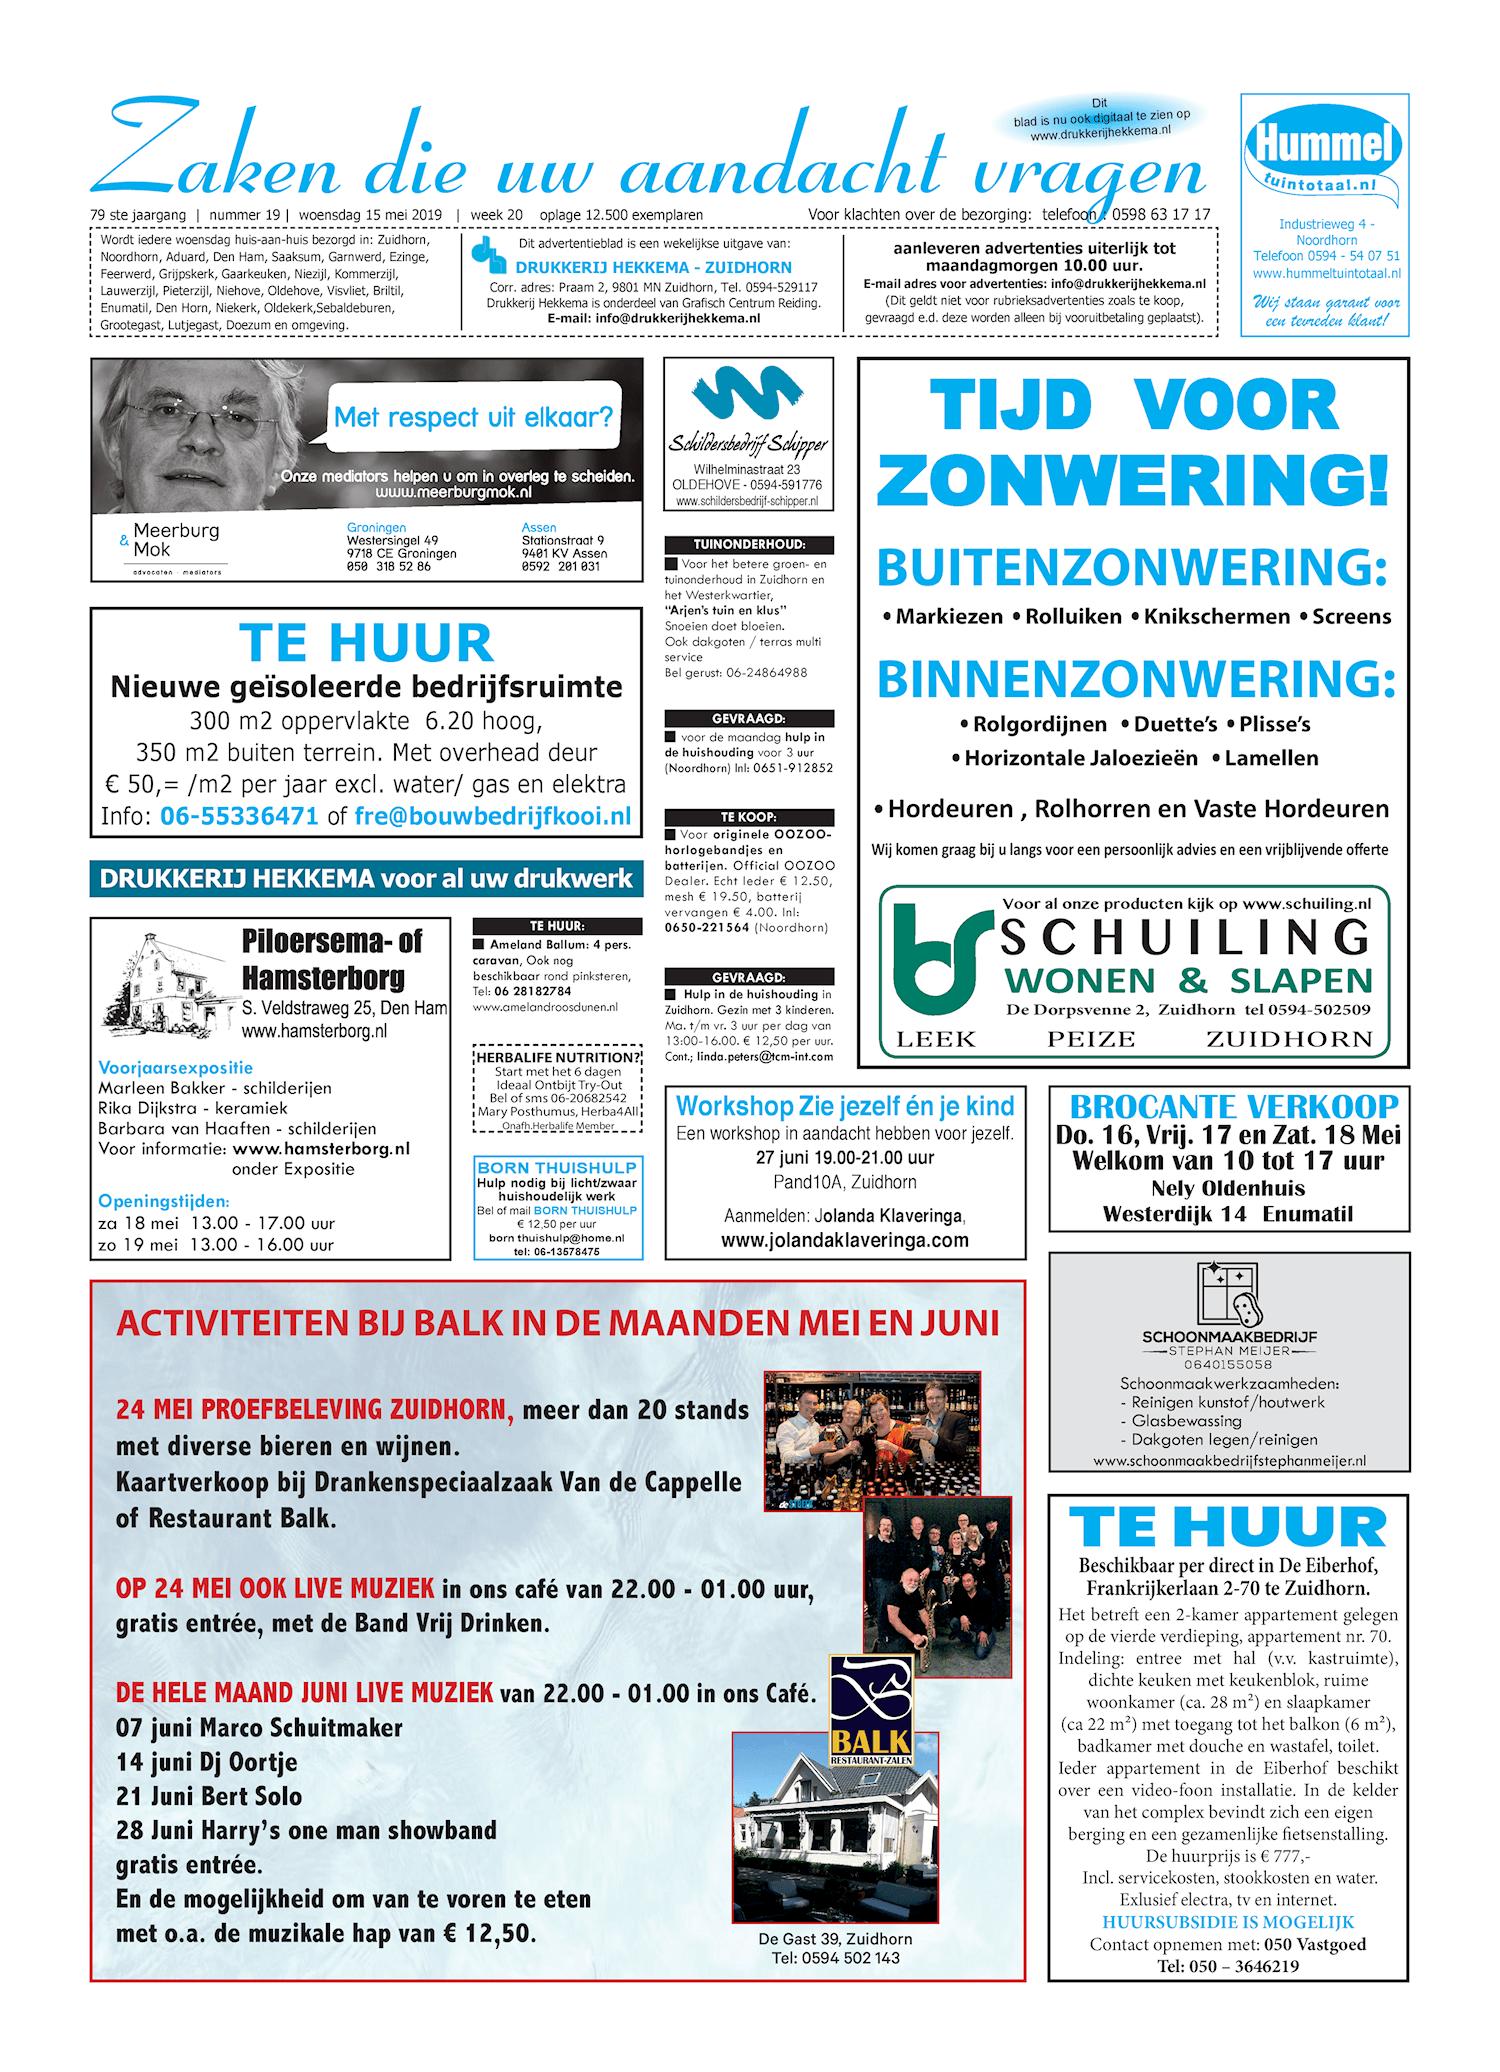 Drukkerij Hekkema - Zuidhorn - Zaken die uw aandacht vragen 2019 week 20